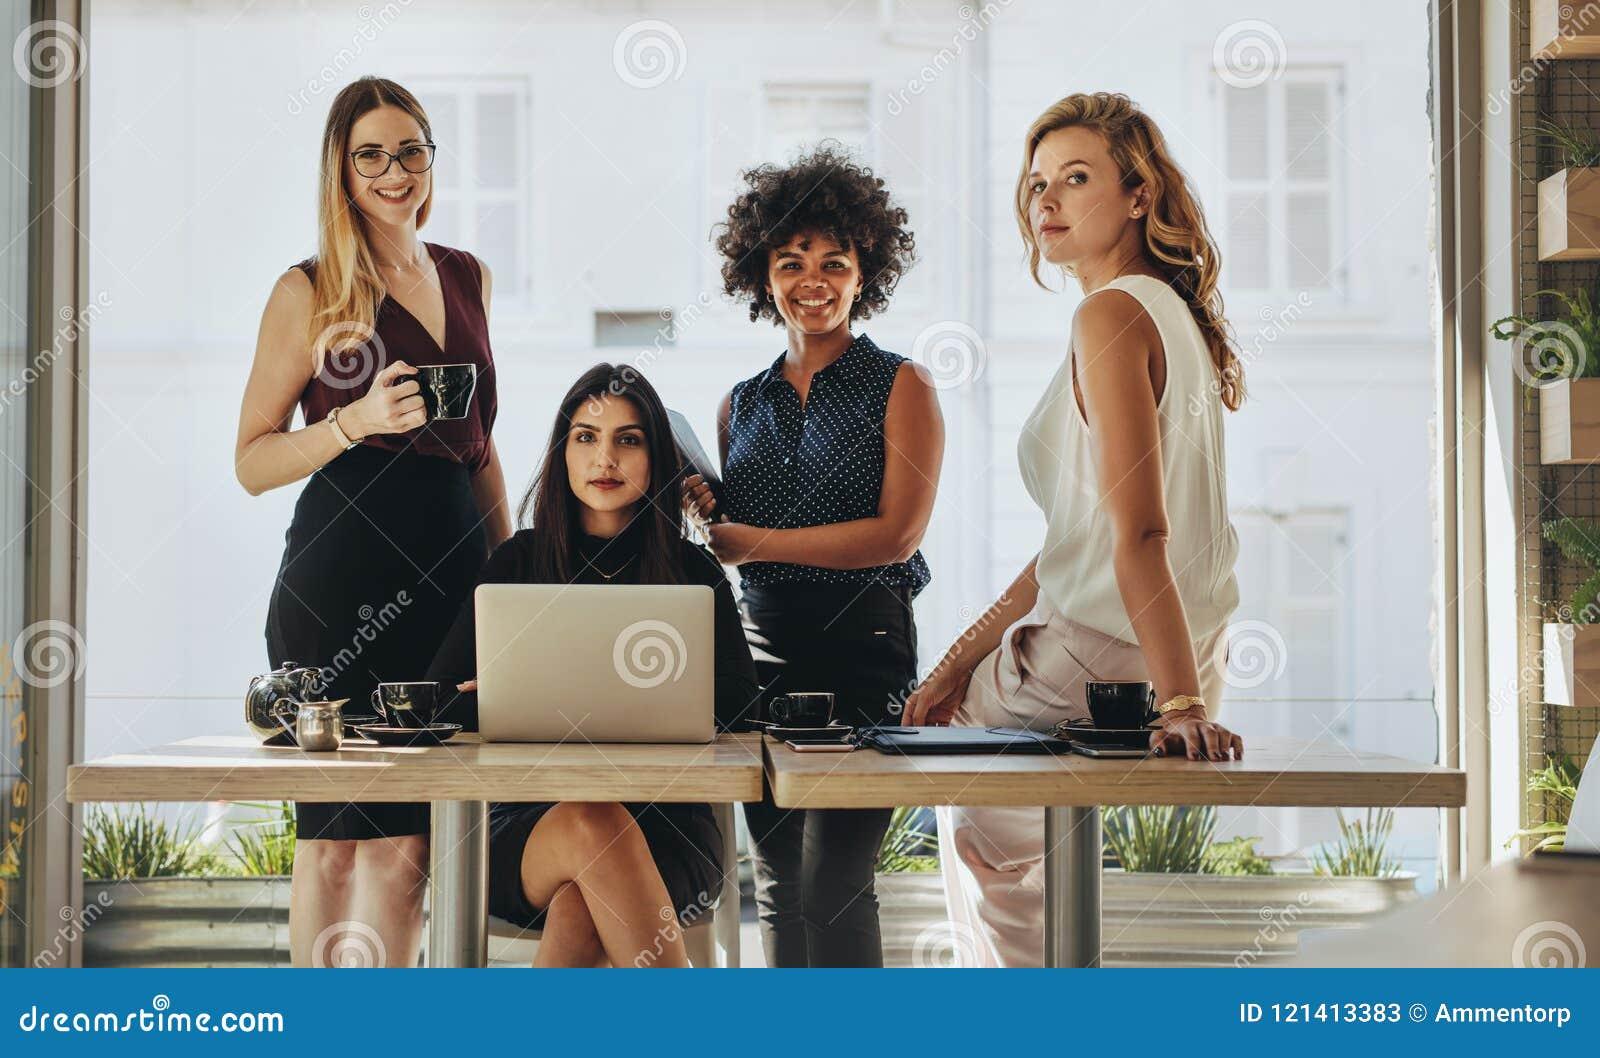 Stående av mång--person som tillhör en etnisk minoritet affärskvinnor tillsammans